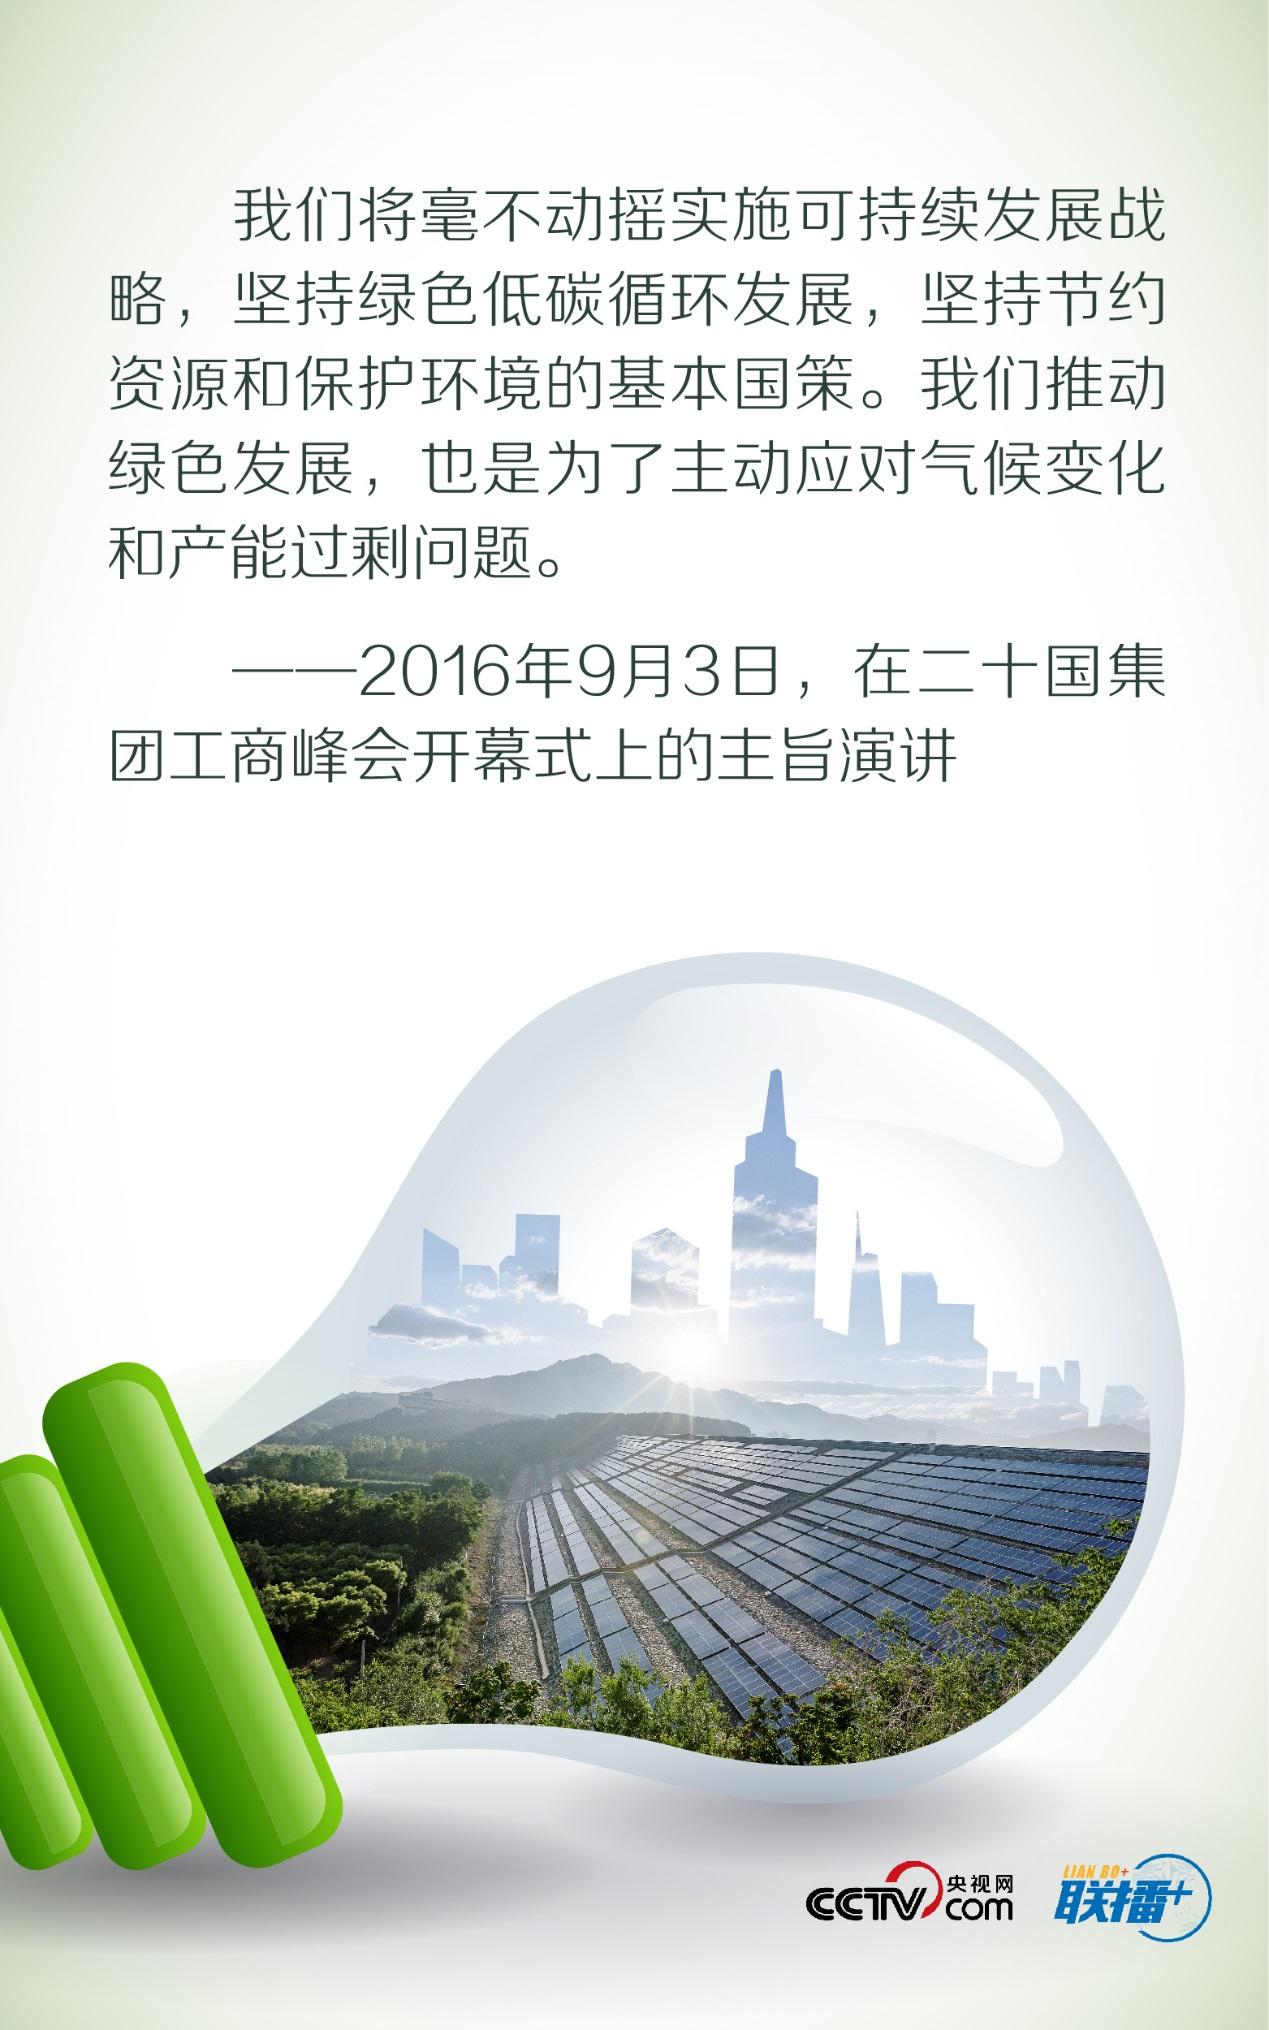 党的十八大以来_联播+丨习近平倡导的绿色低碳生活_中国经济网——国家经济门户